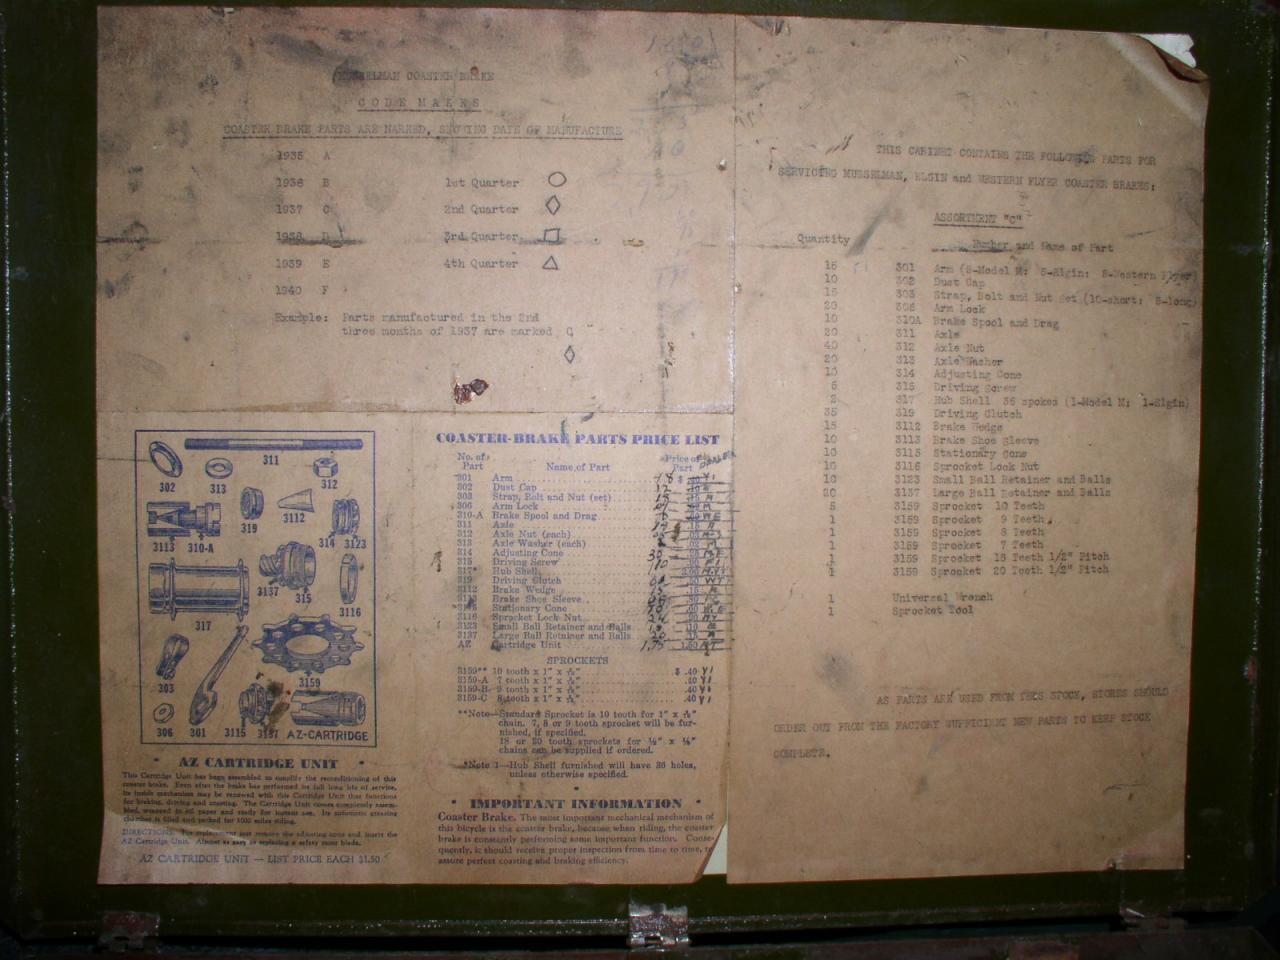 Musselman date codes 2.jpg